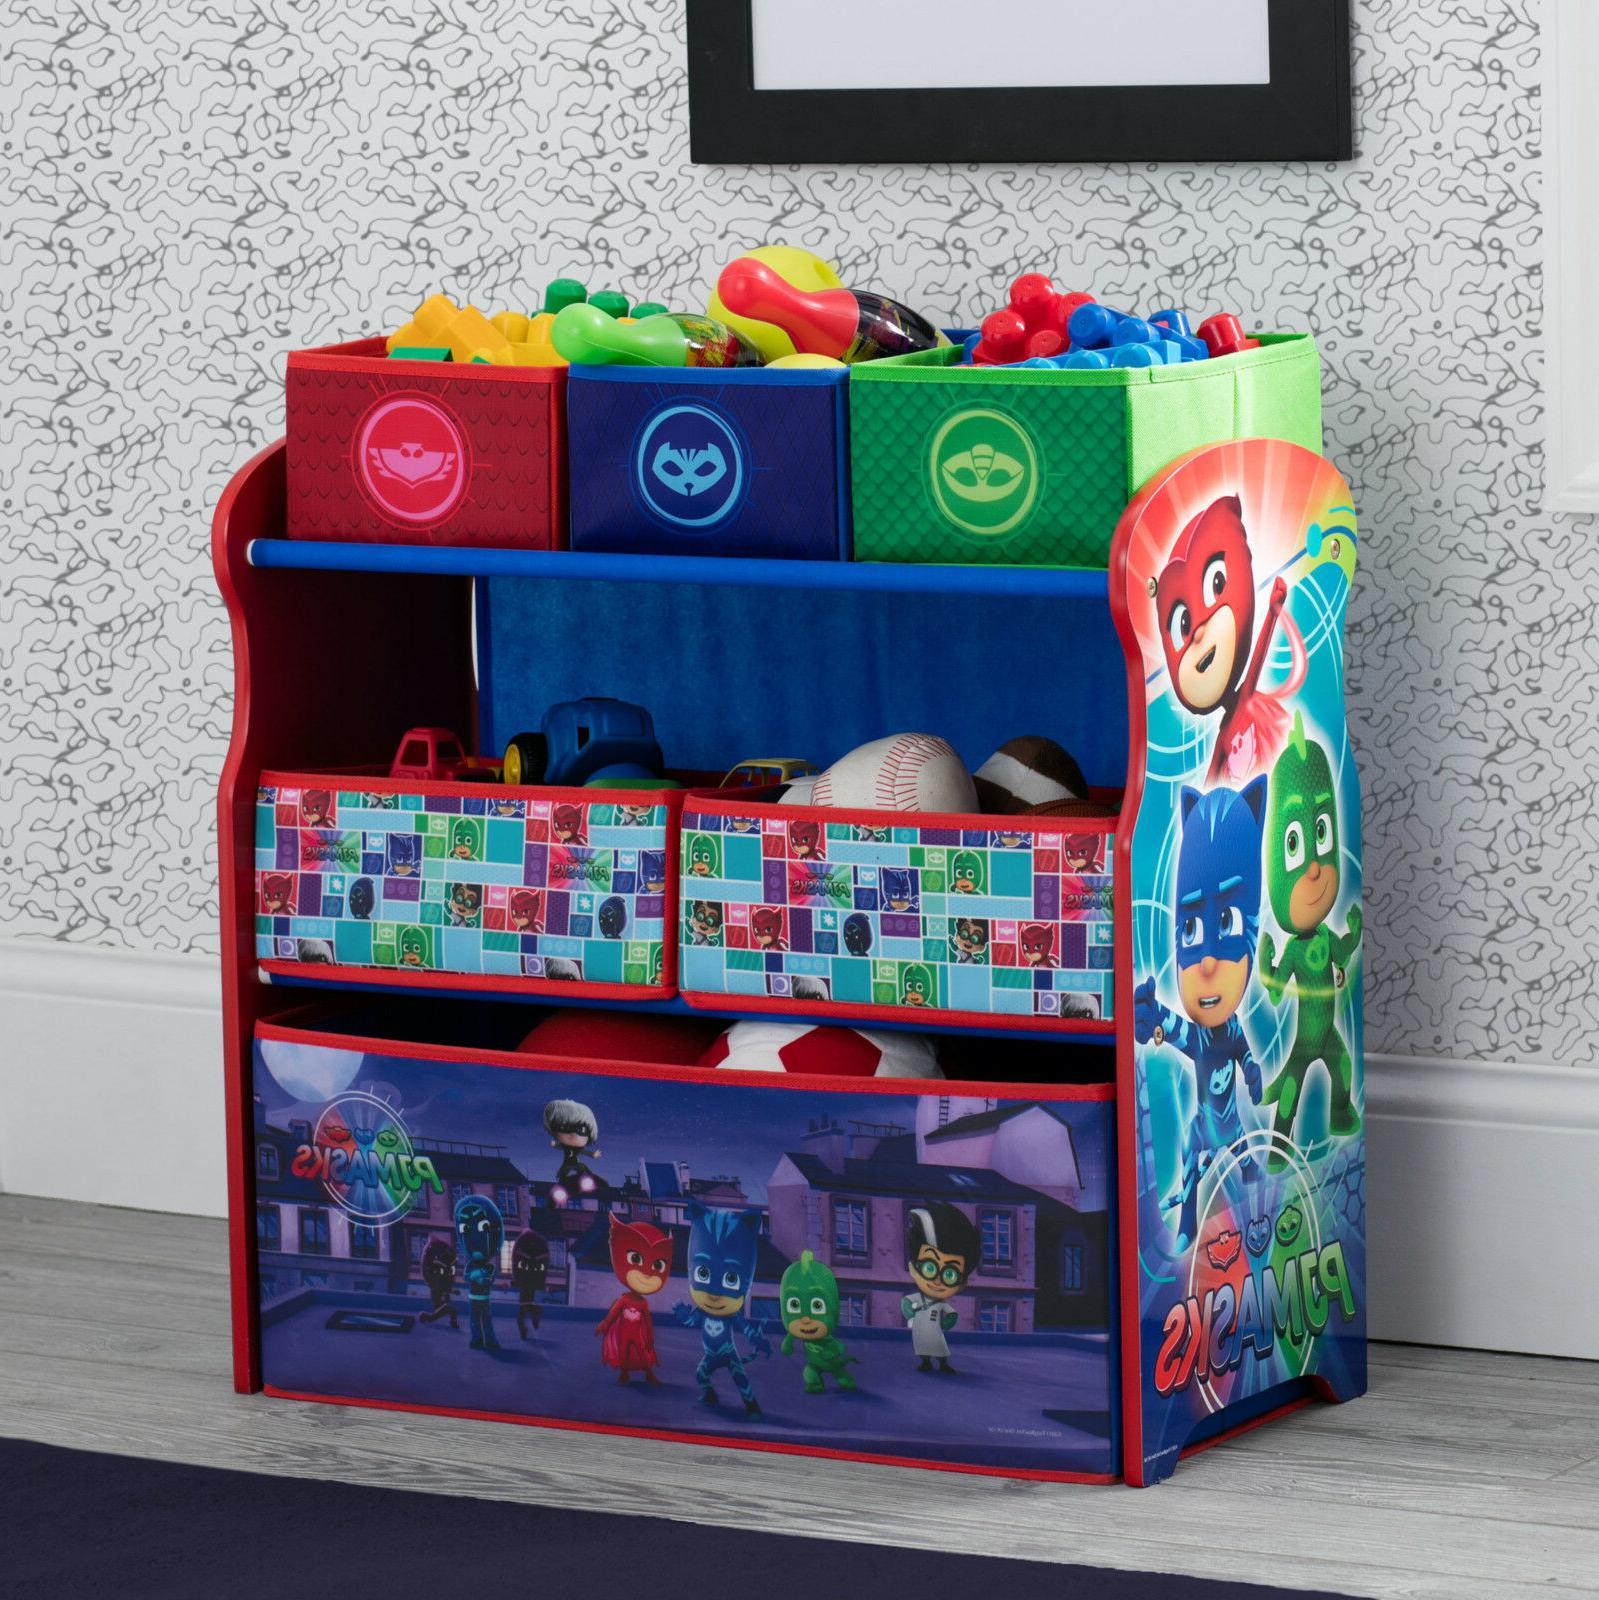 multi bin toy organizer wood fabric sturdy